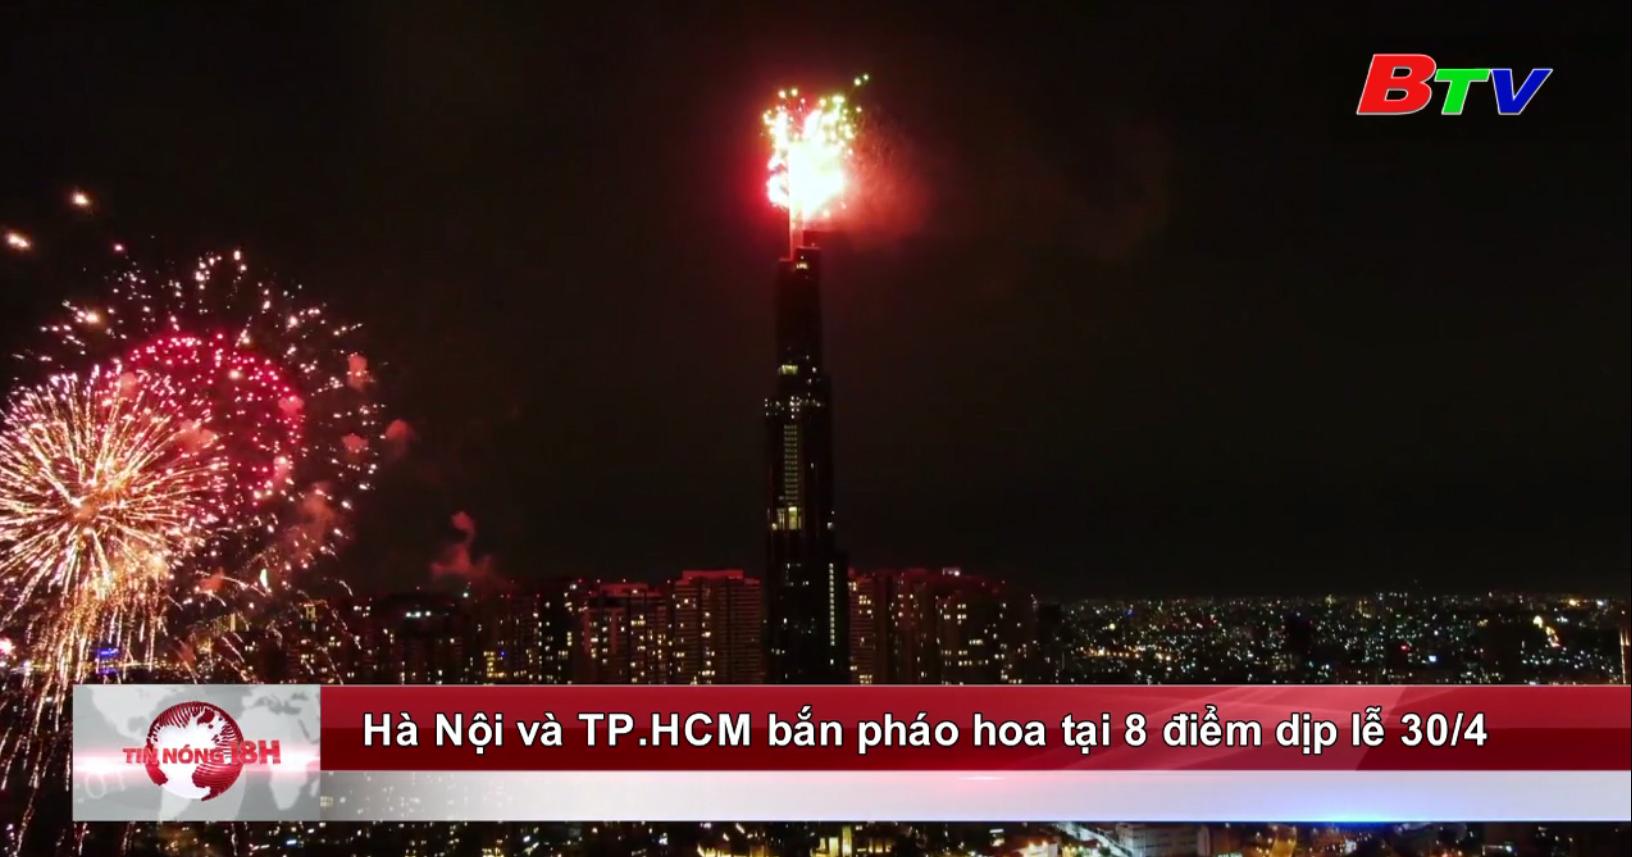 Hà Nội và TP.HCM bắn pháo hoa tại 8 điểm dịp lễ 30/4